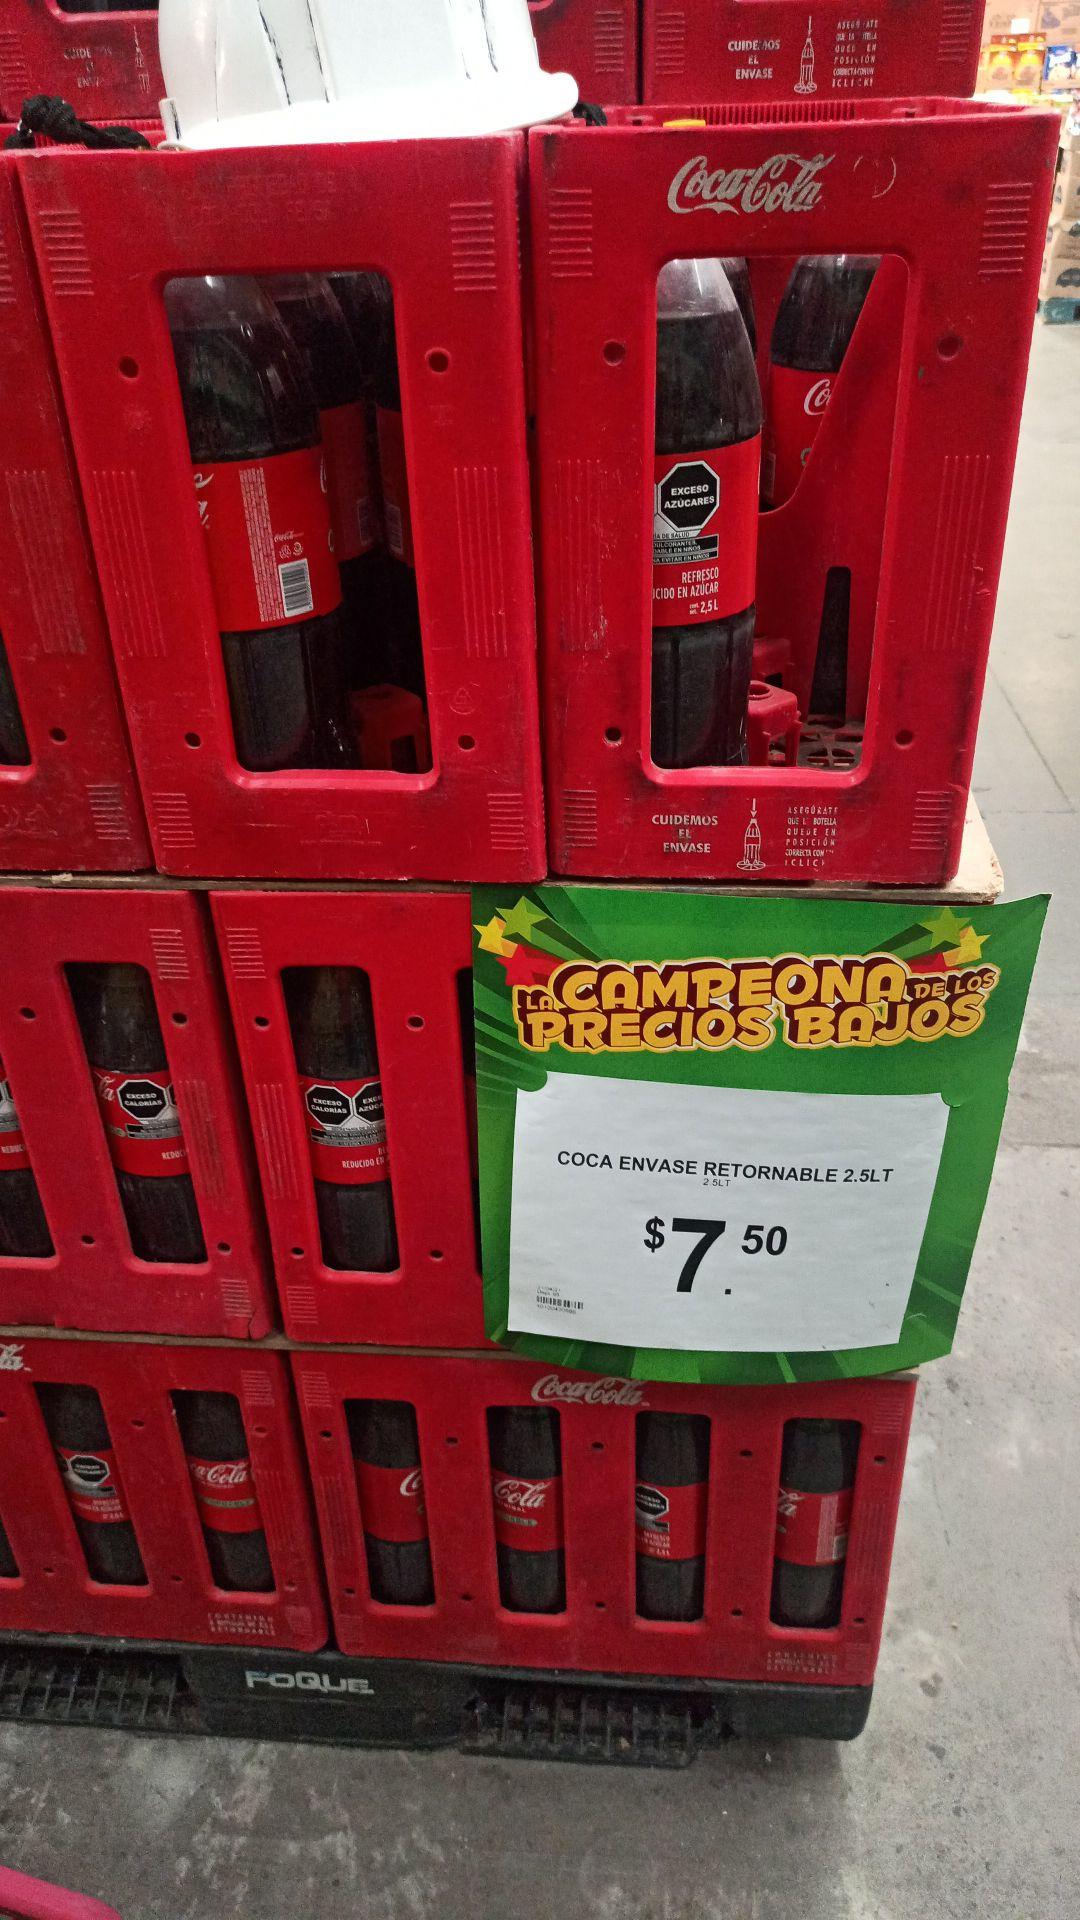 Bodega Aurrera: Coca 2.5 lts retornable